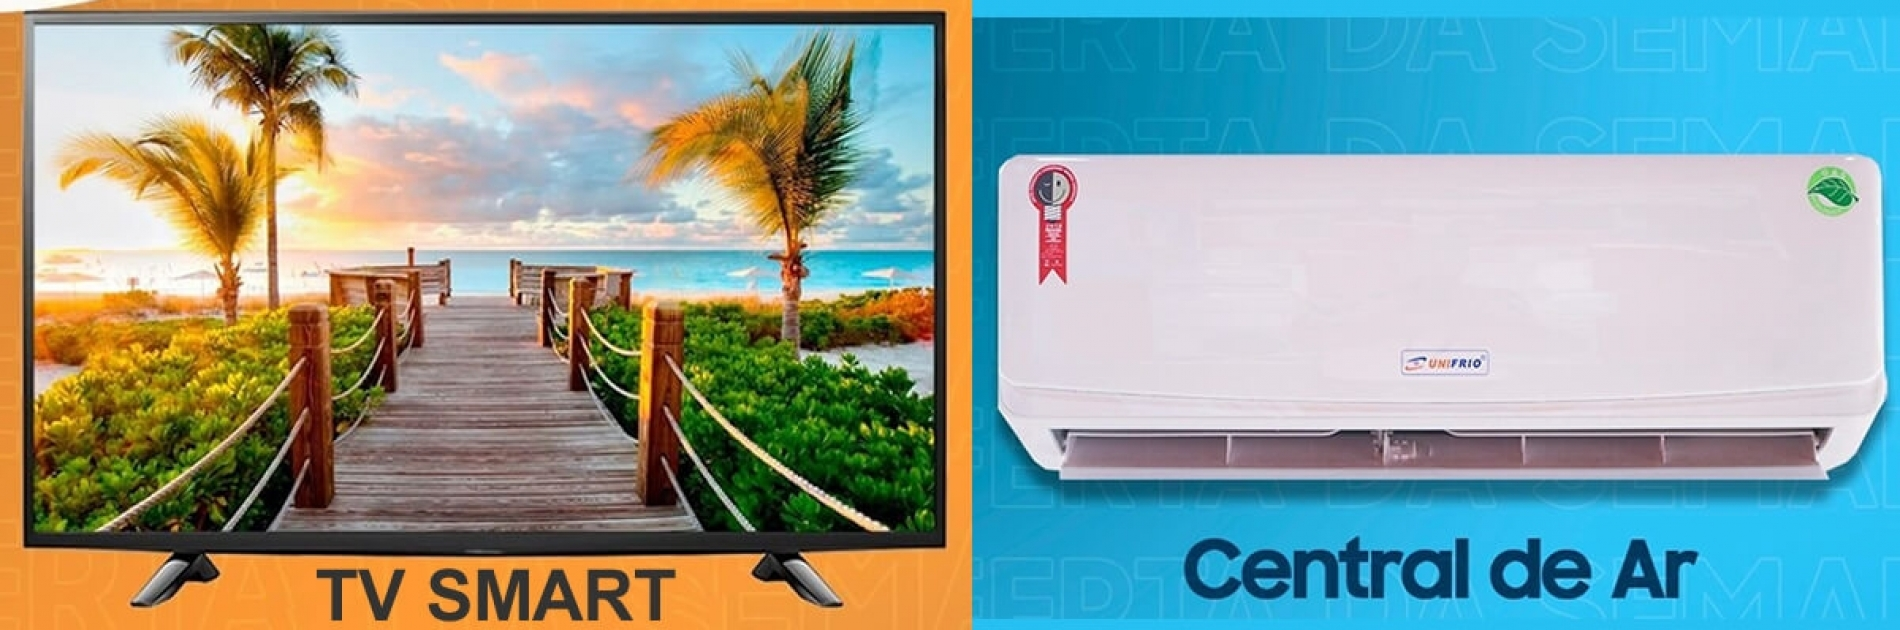 Tvs Smart e Centrais de Ar - Unifrio - Centrais de Ar e Televisores Smart